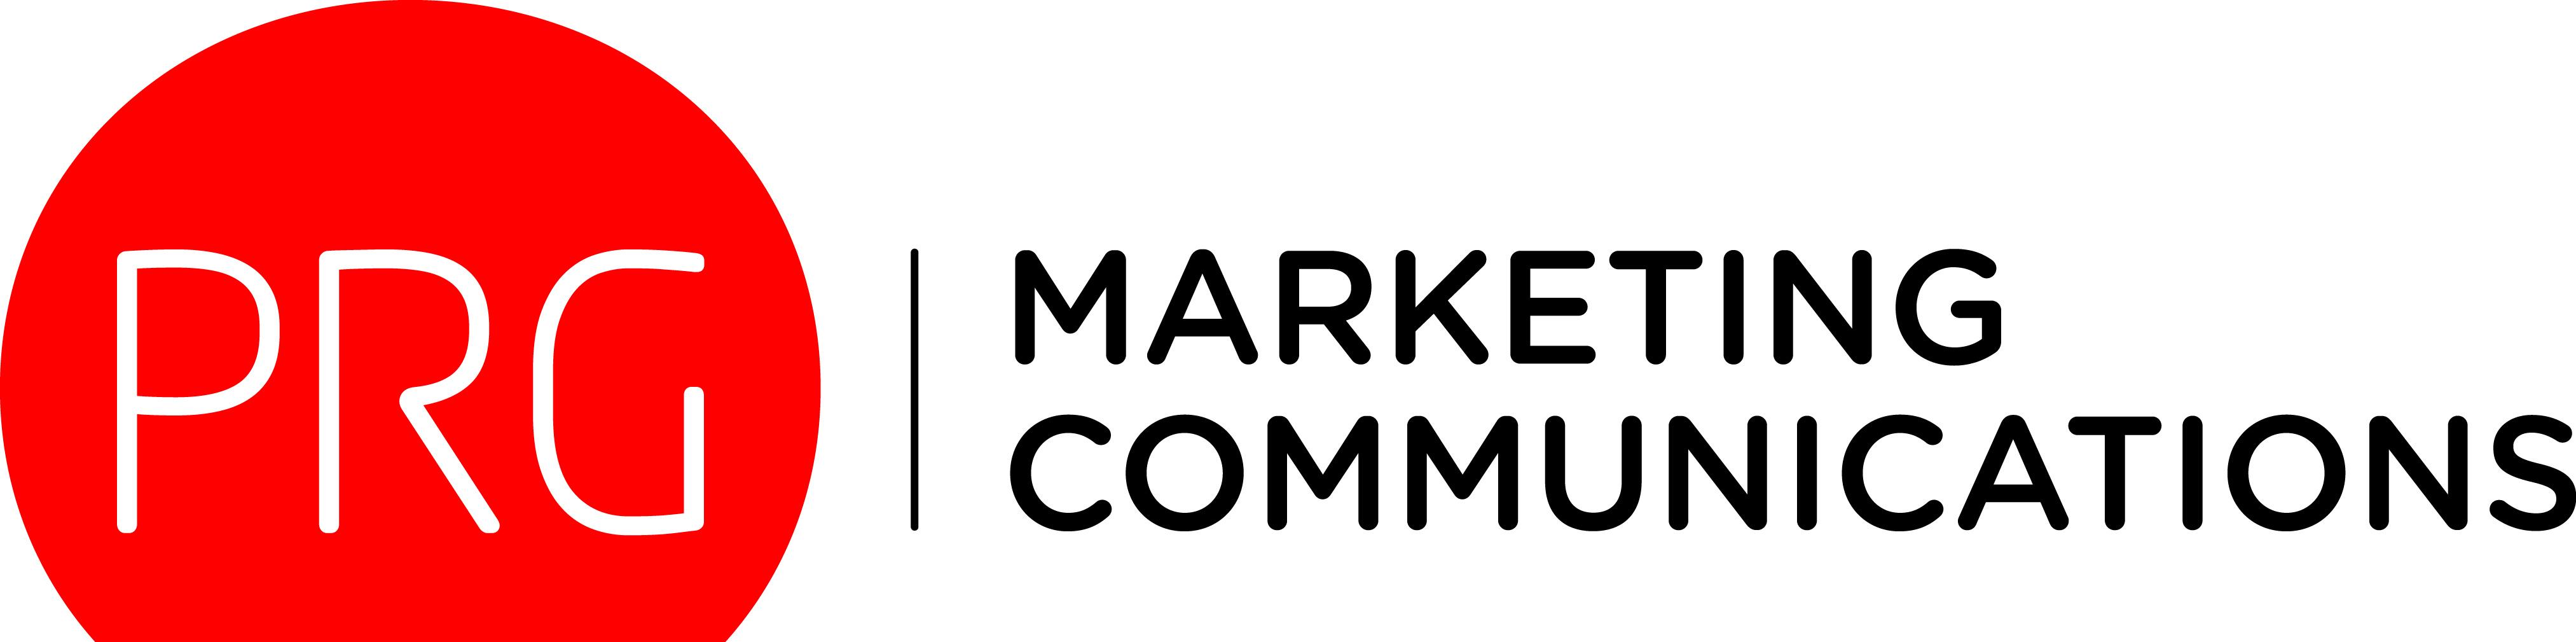 prg_logo_2013_4051